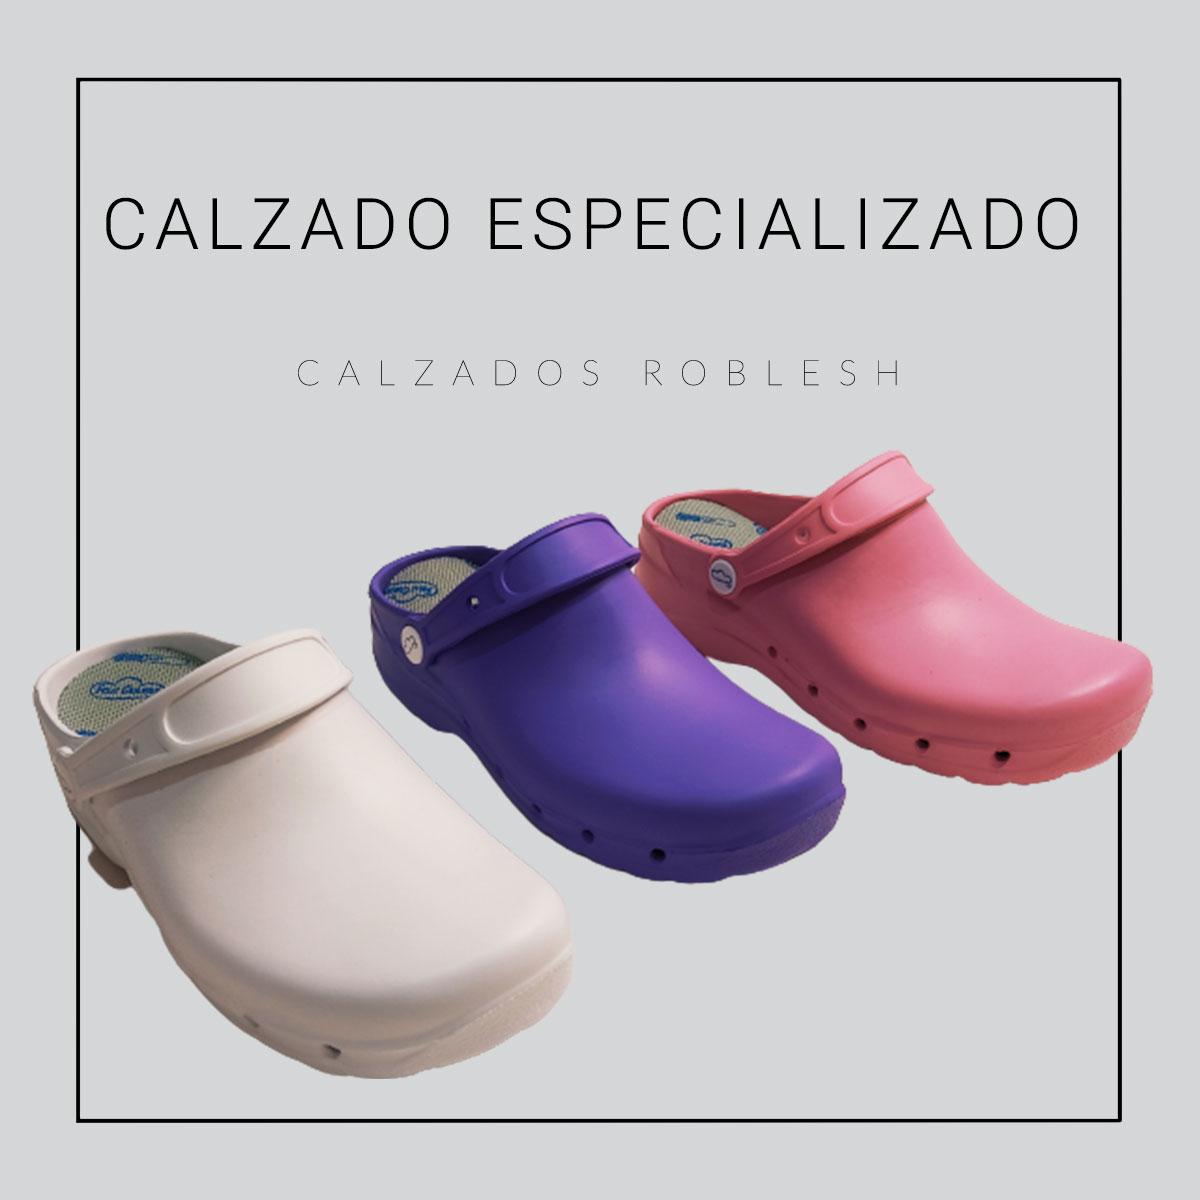 Calzado especializado de venta online a los mejores precios de marcas top Roblesh